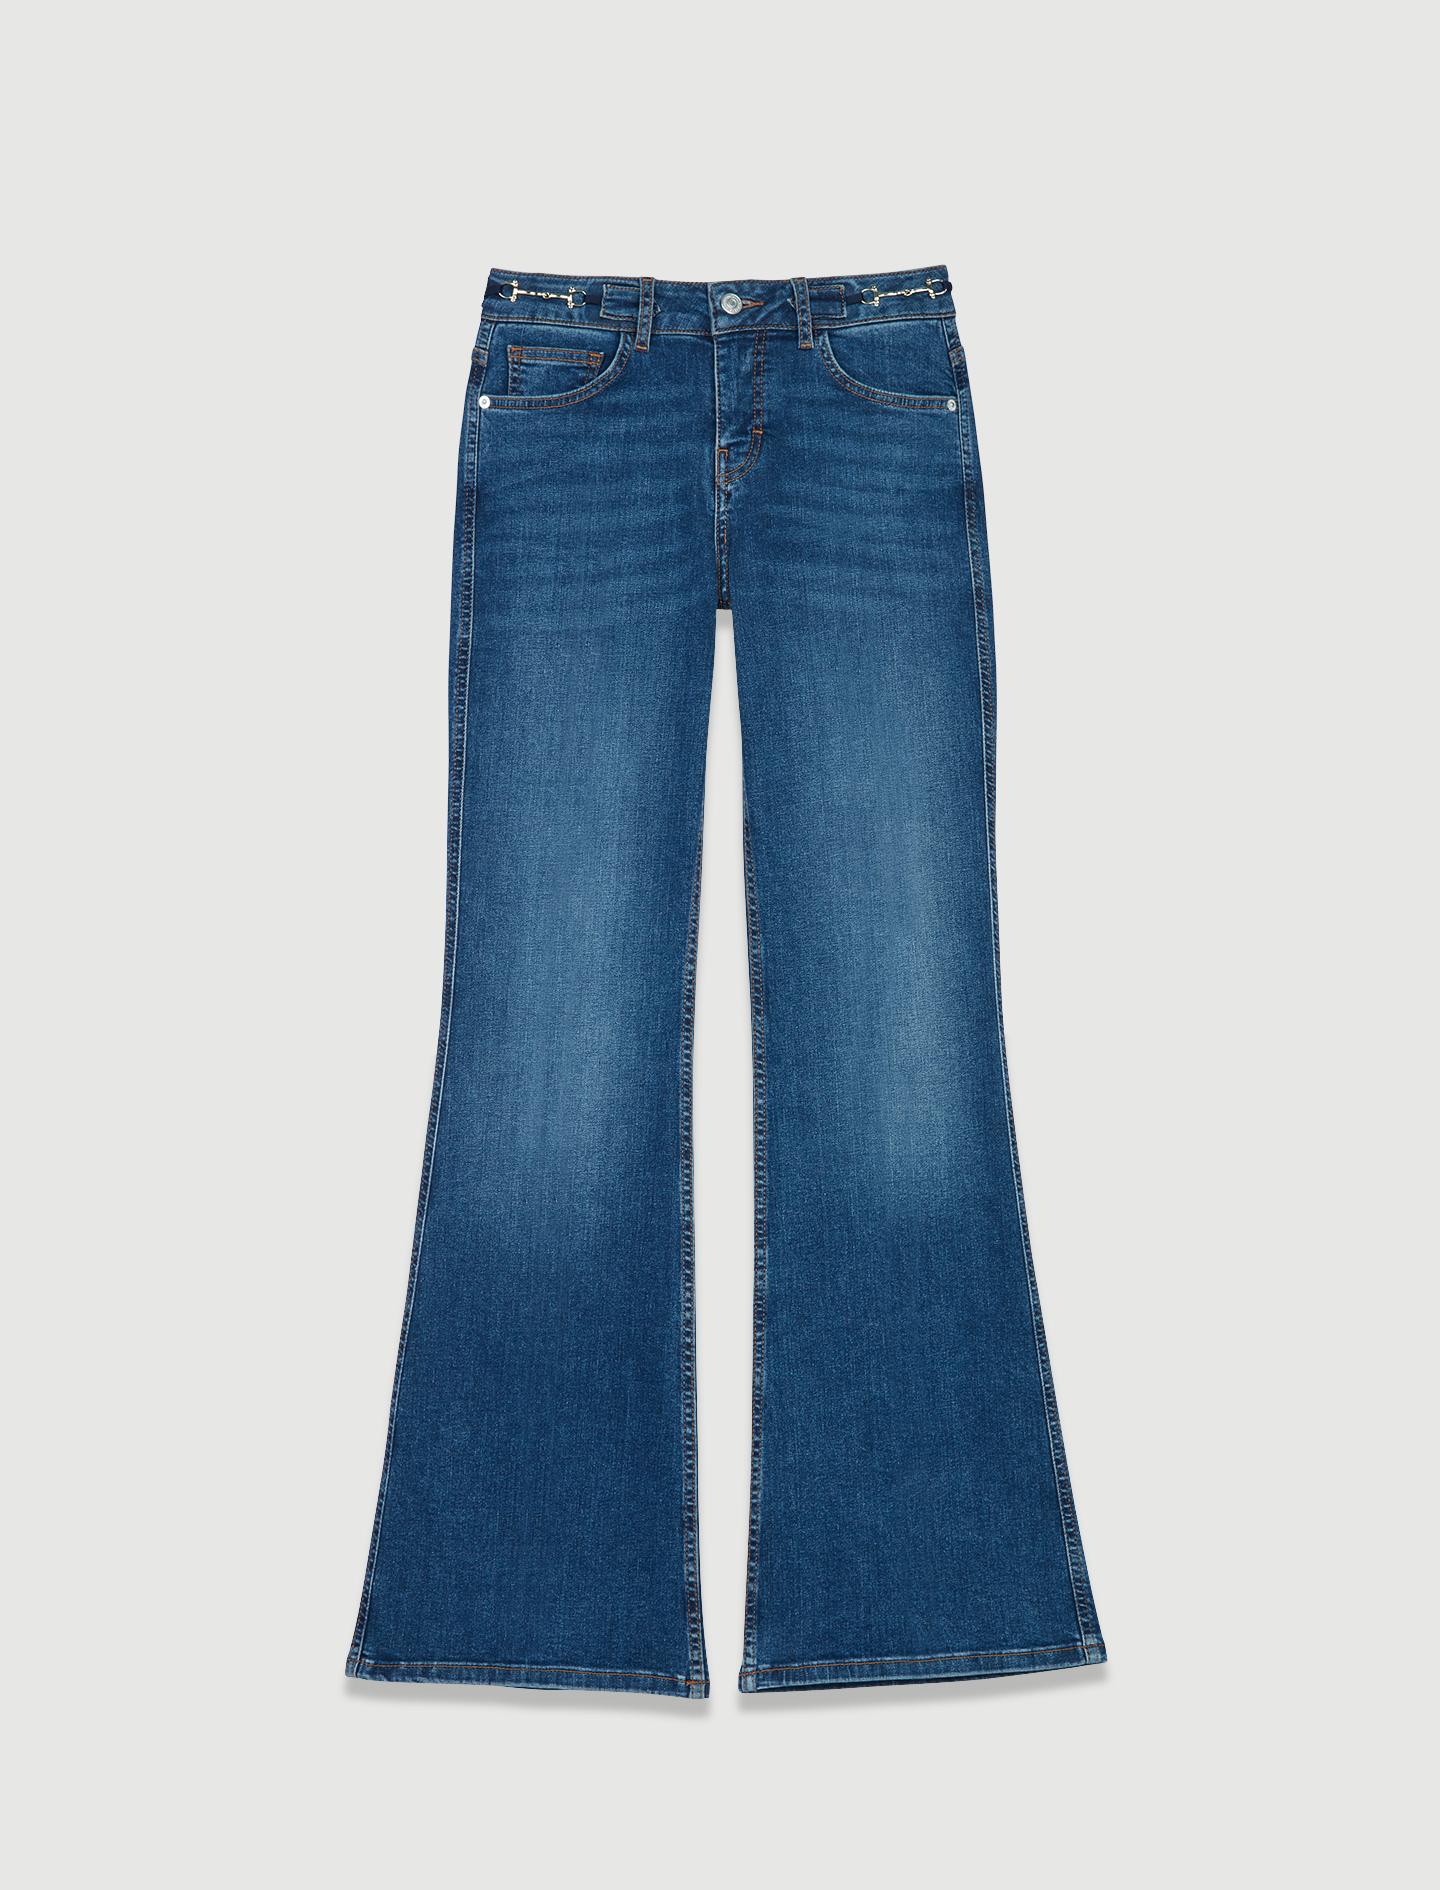 Jeans con anillas. Maje (195 euros).